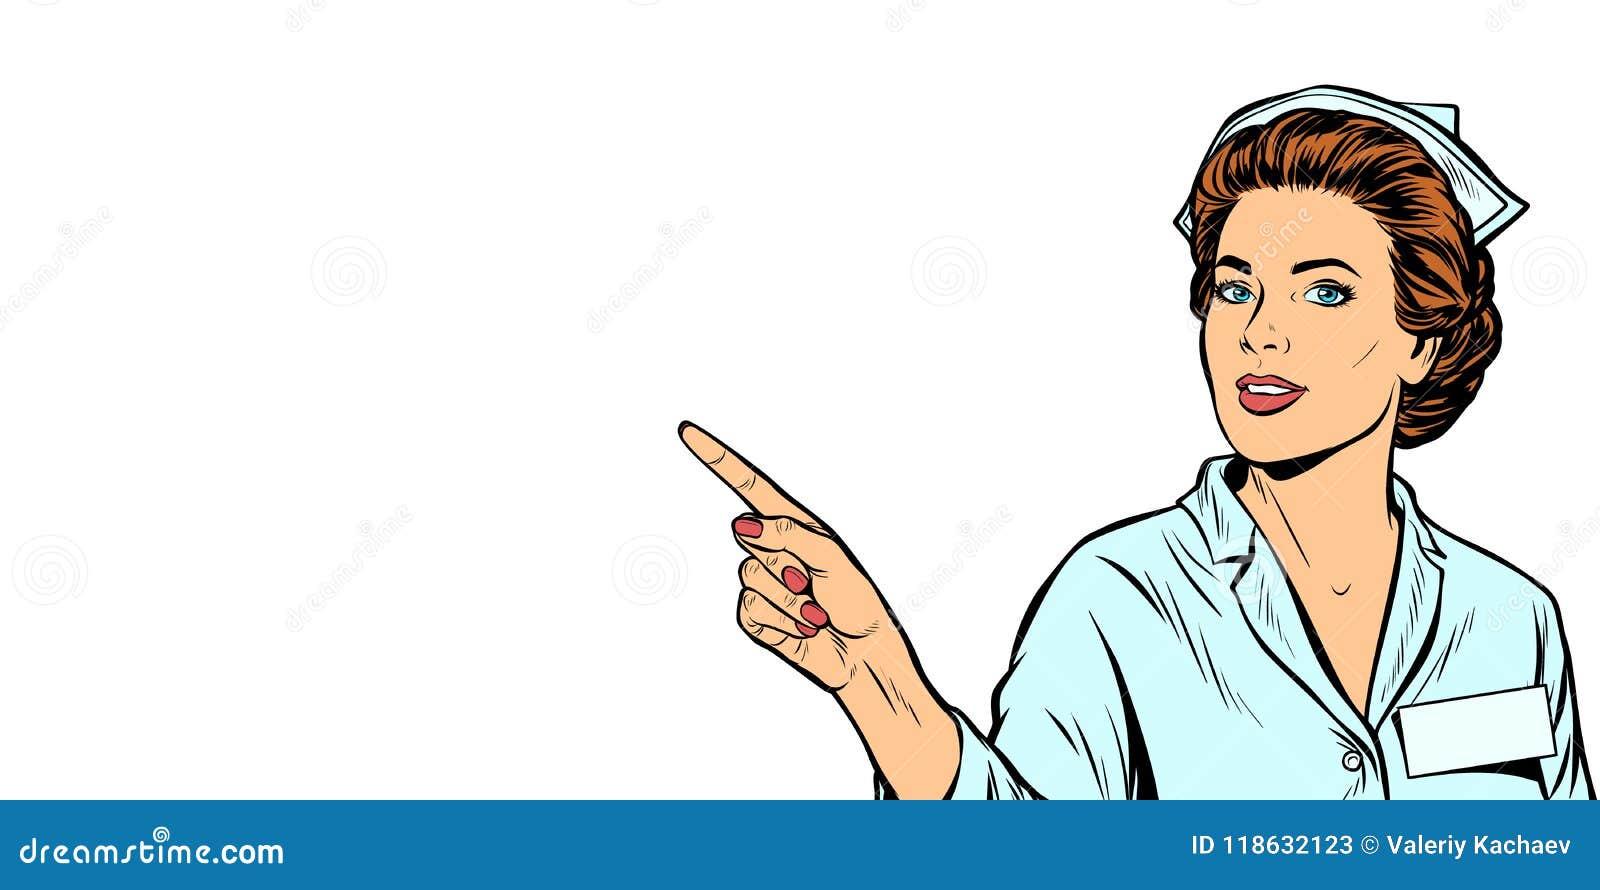 Медсестра указывает палец